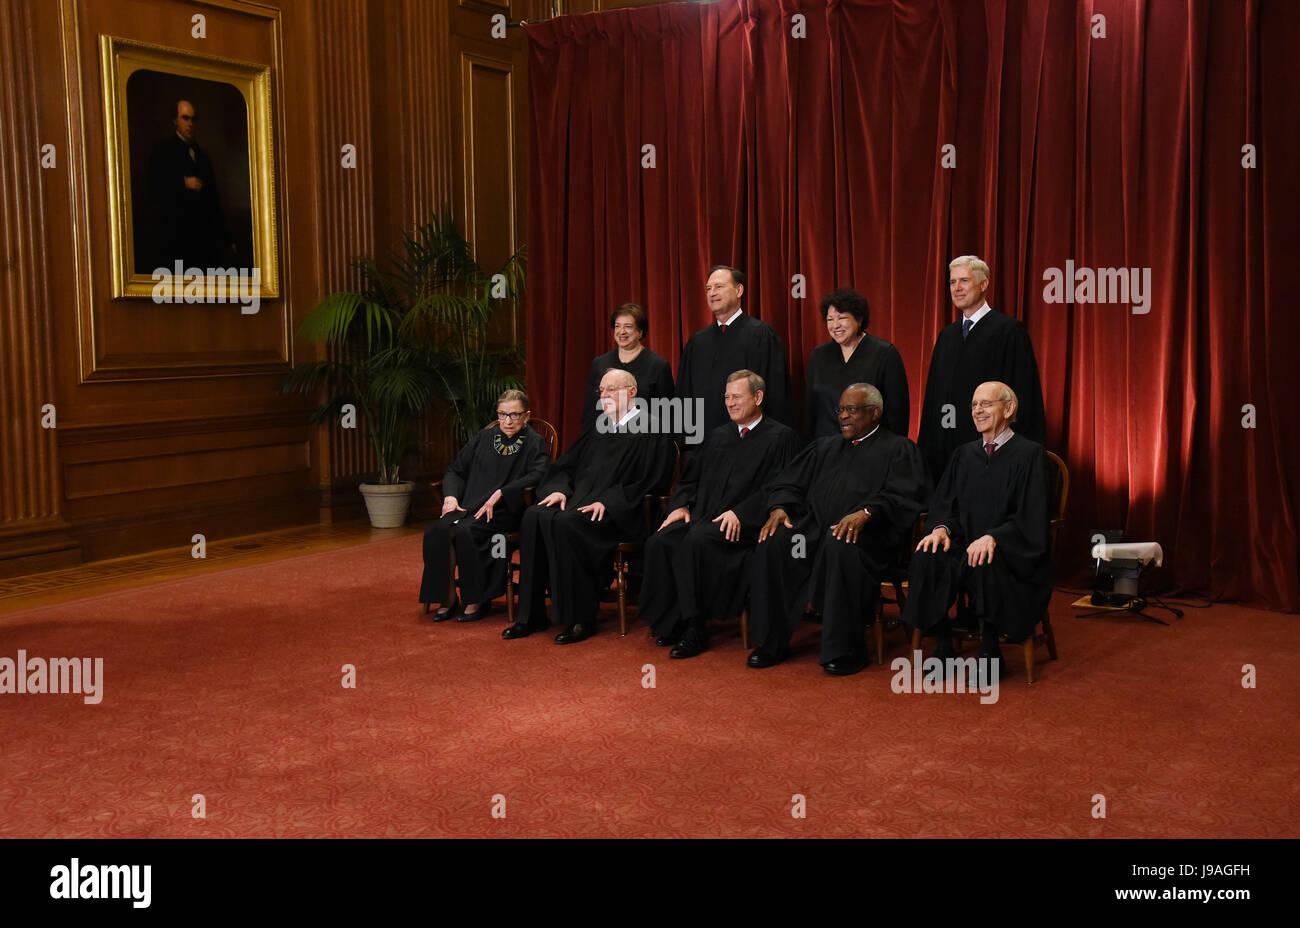 Los miembros de la Corte Suprema de EE.UU. posan para una fotografía de grupo en el edificio de la Corte Suprema Imagen De Stock